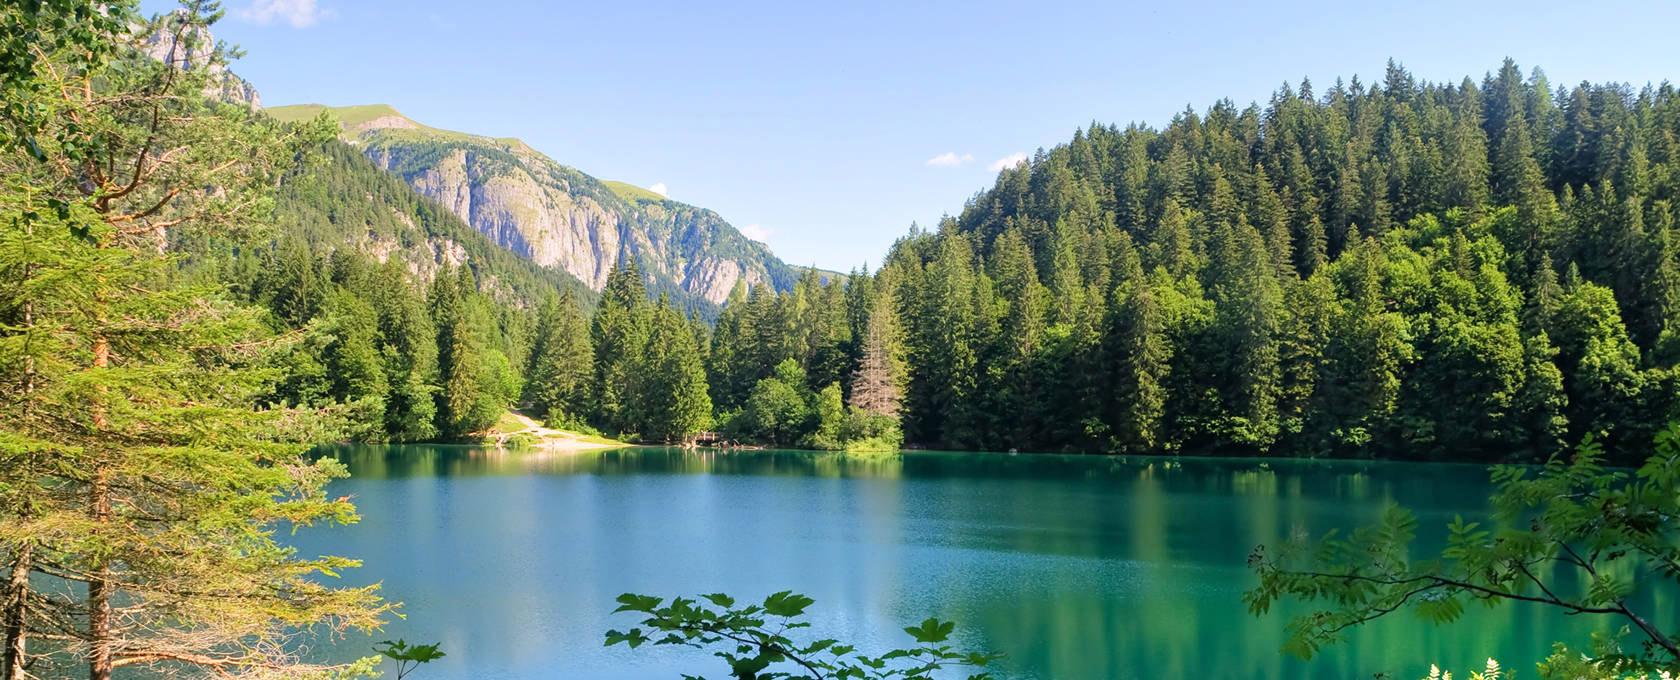 Il lago di Tovel, detto il lago rosso, uno tra i laghi più famosi della regione